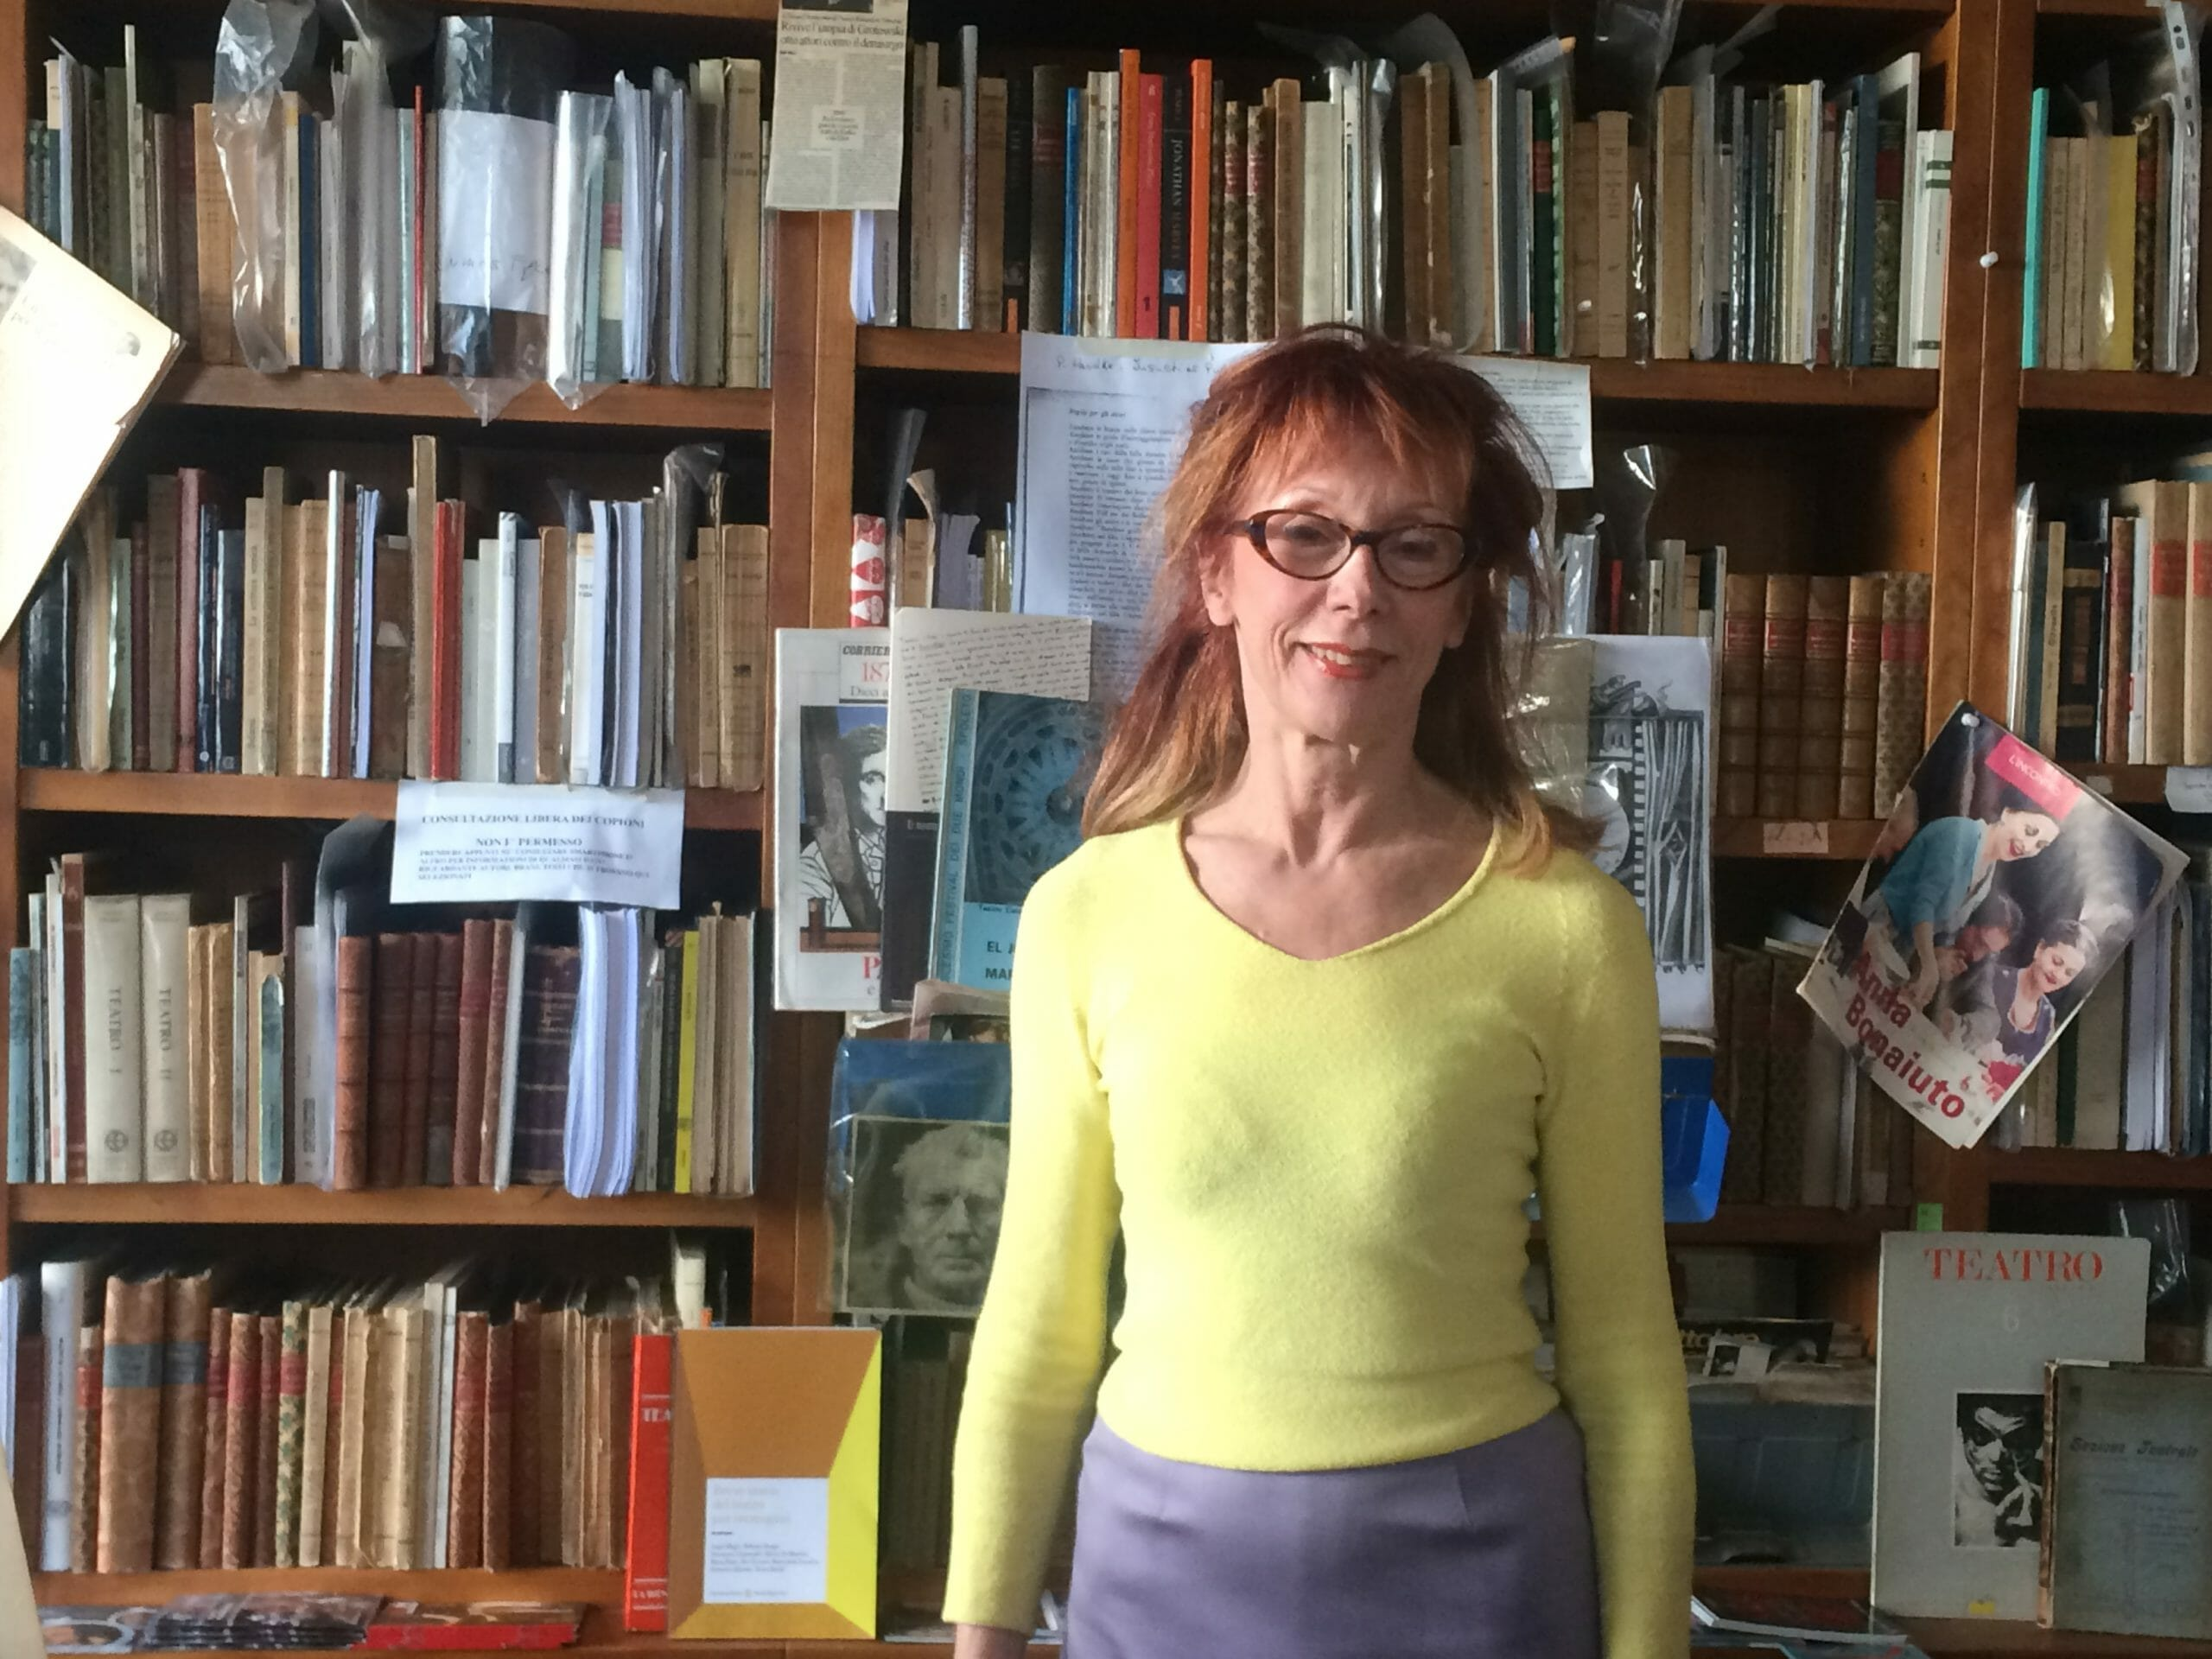 Il fascino della libreria dello Spettacolo di Milano, tra cimeli e libri rari